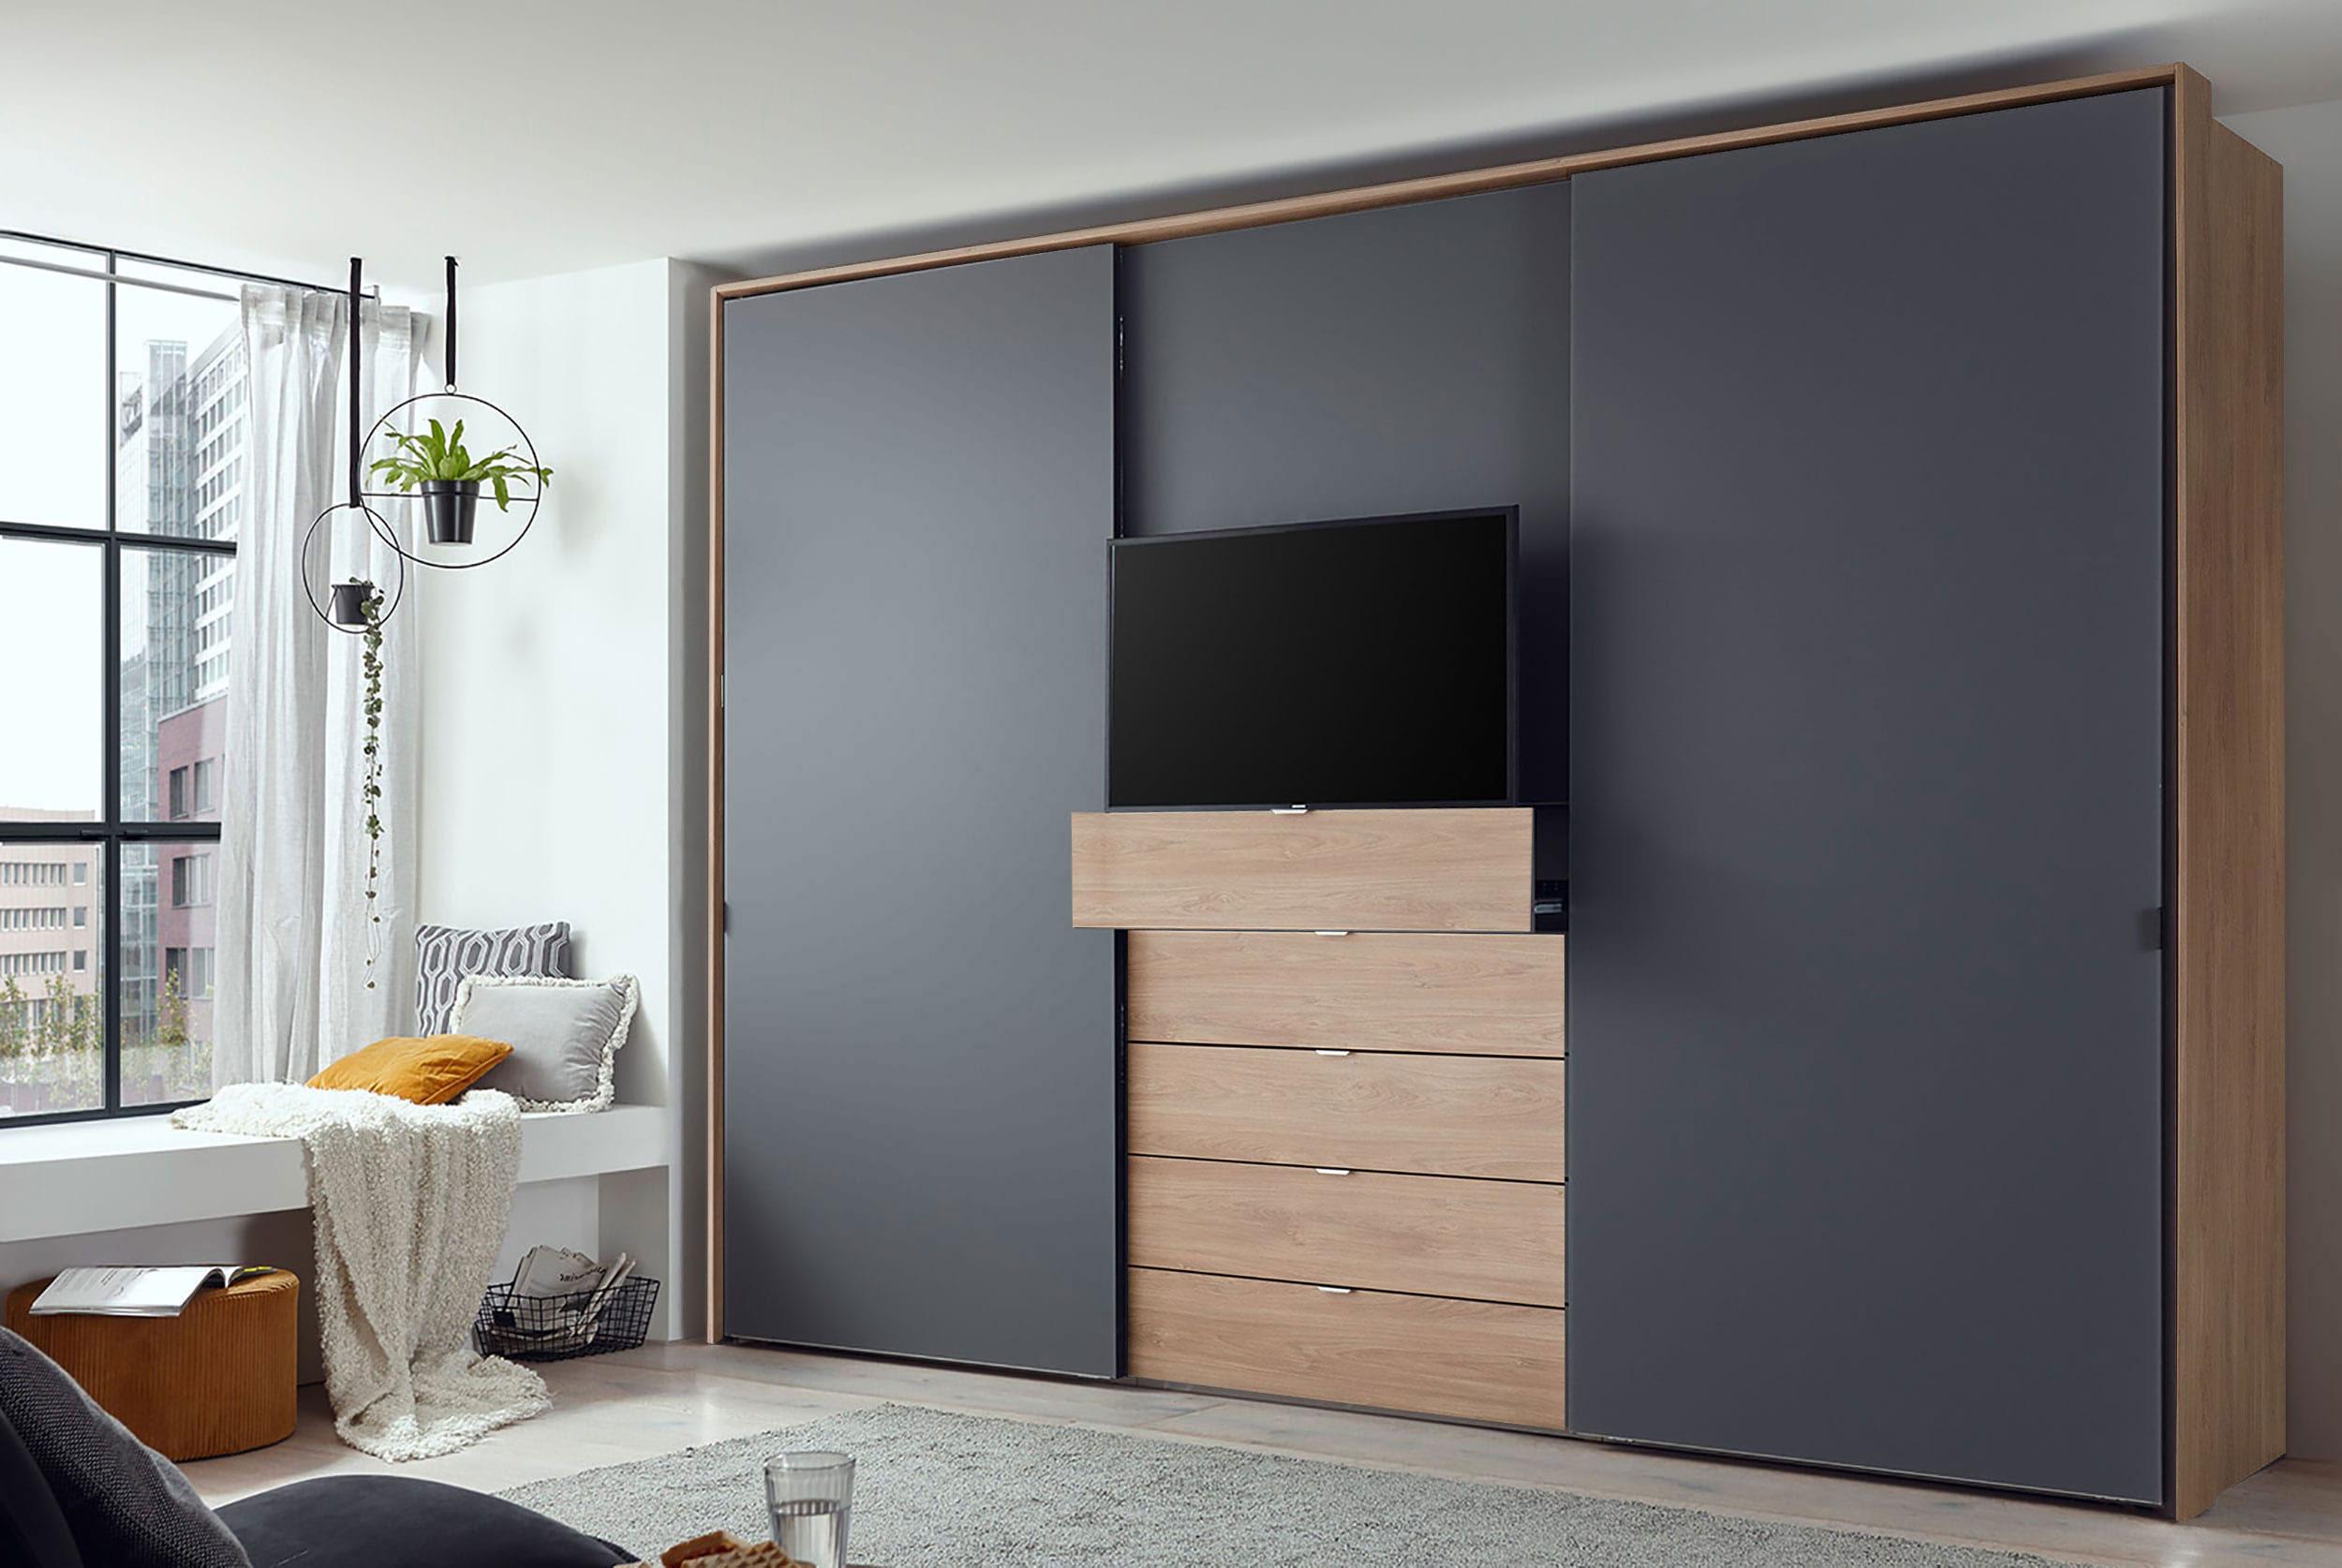 Staud Media Kleiderschrank mit TV Fach Vulkanglas matt und eicghe Dekor